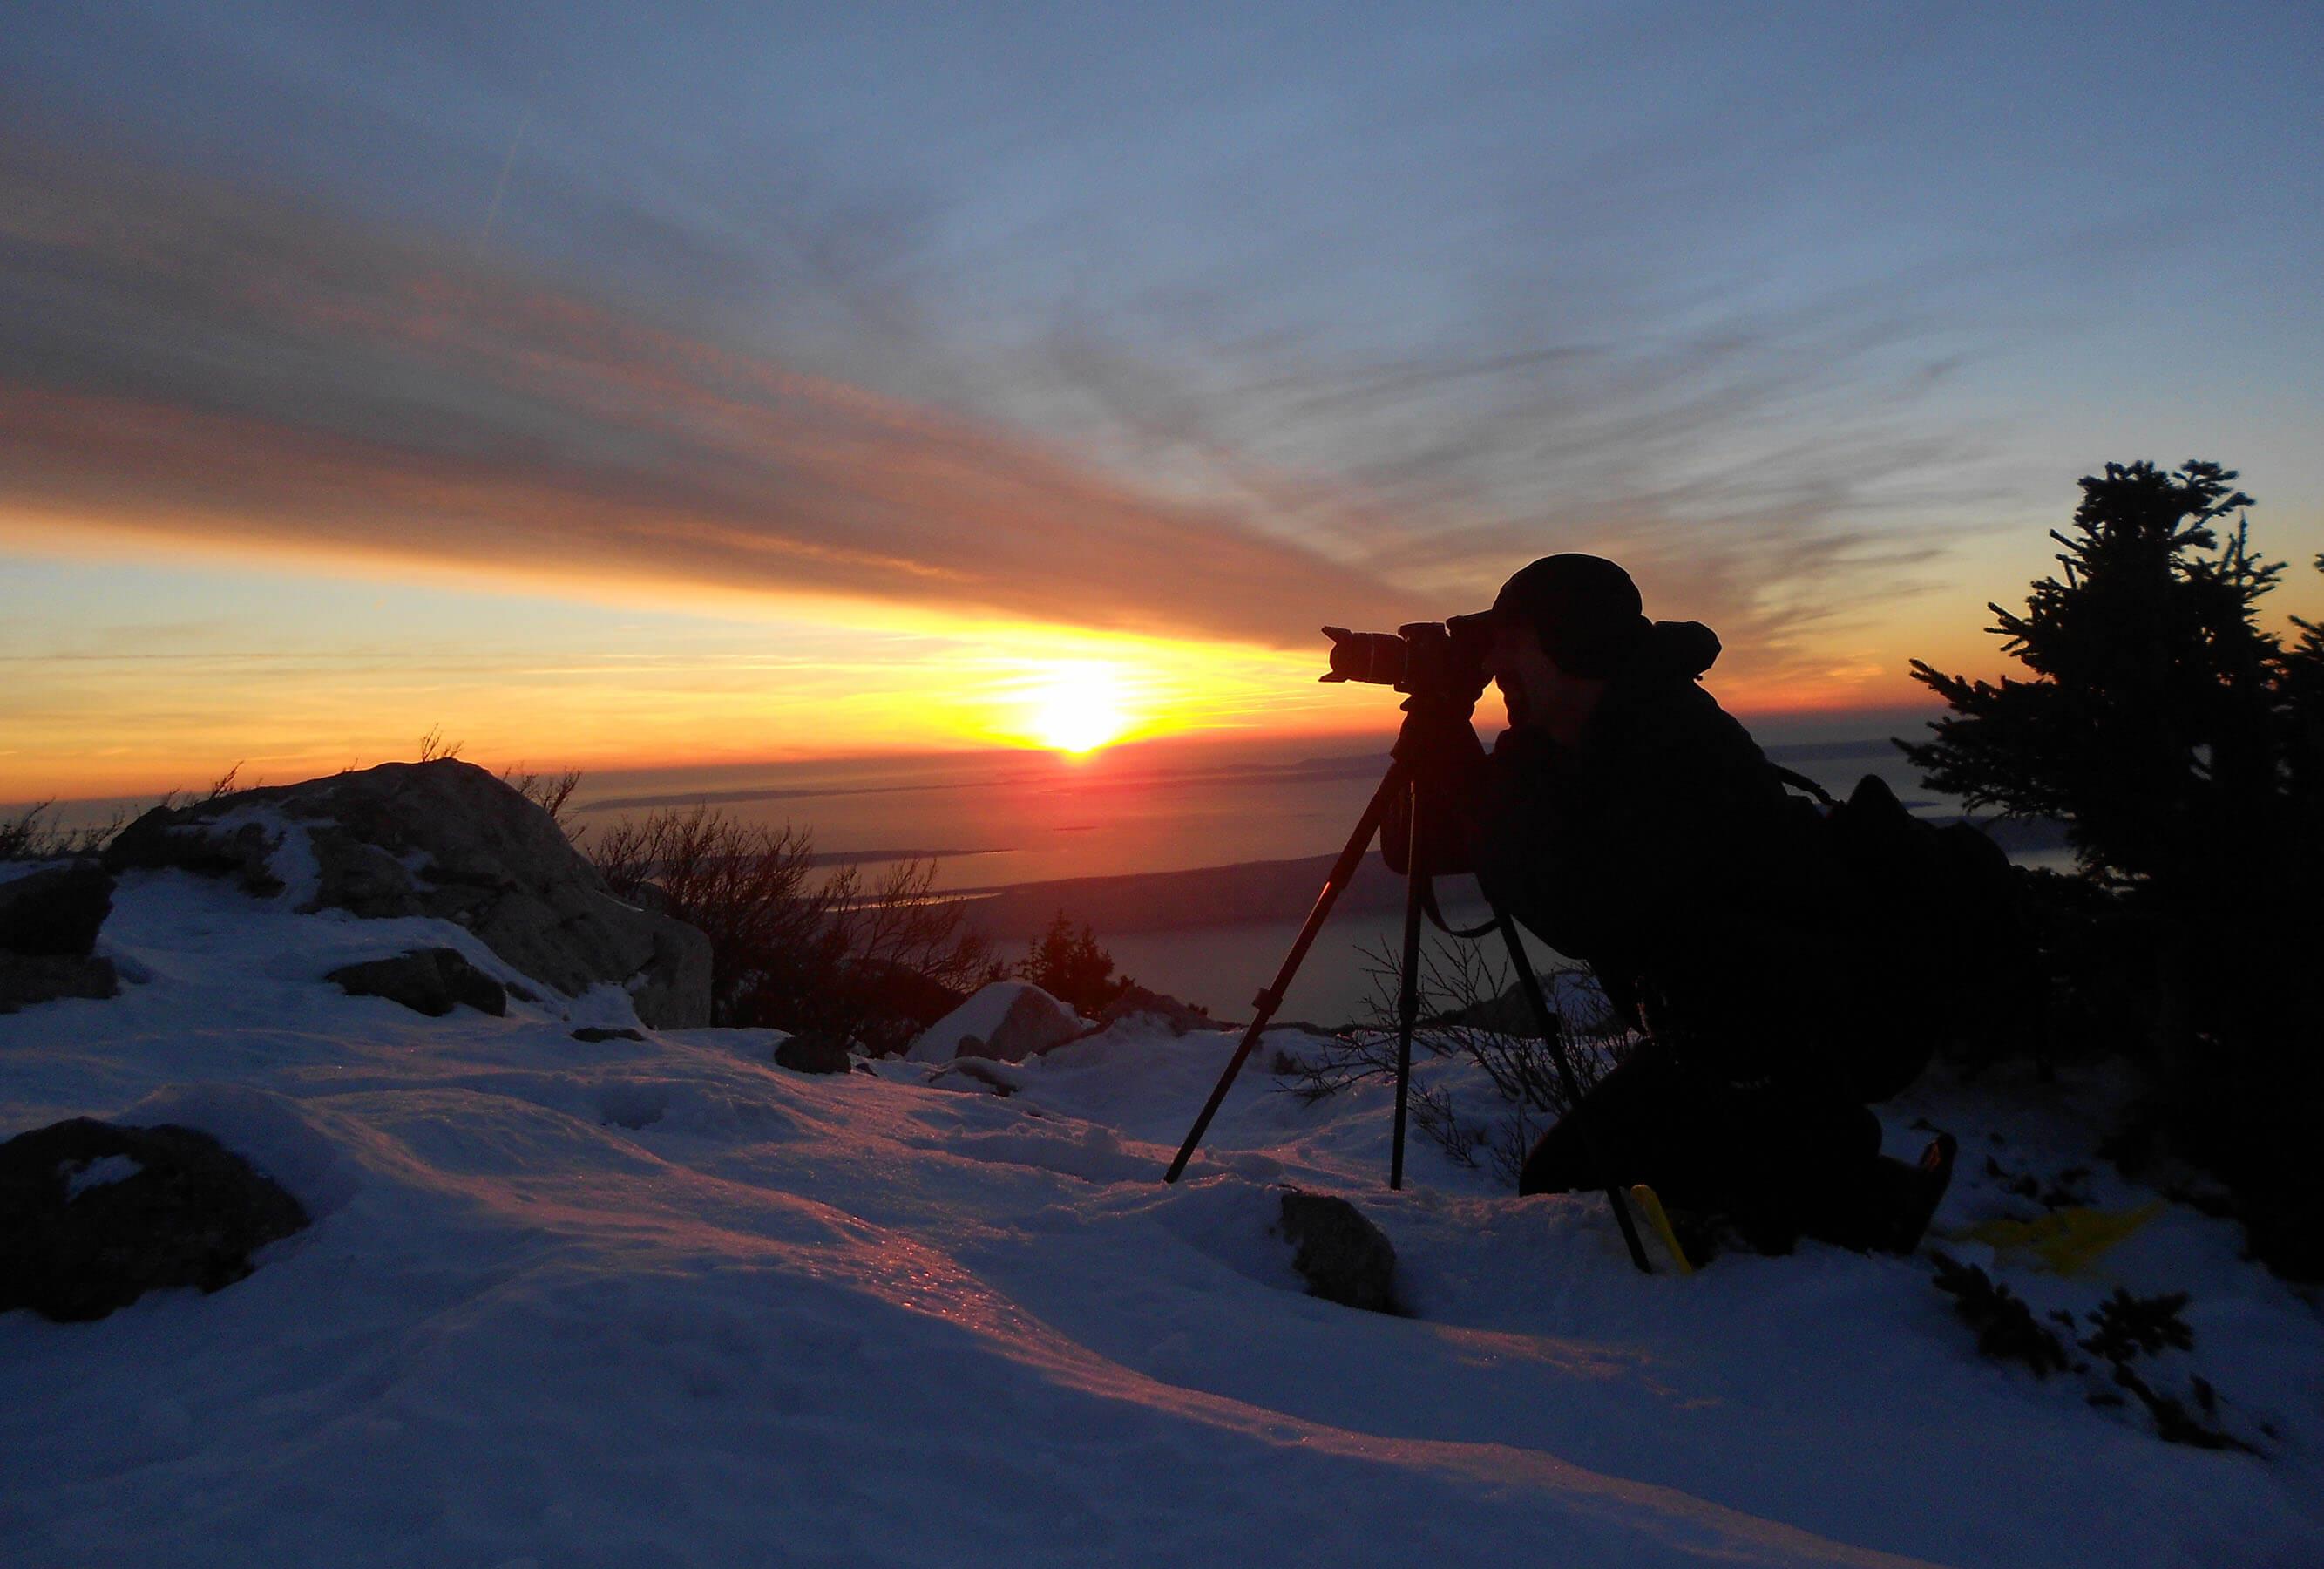 freelance fotograf Ivan Vukušić na snijegu do jaja